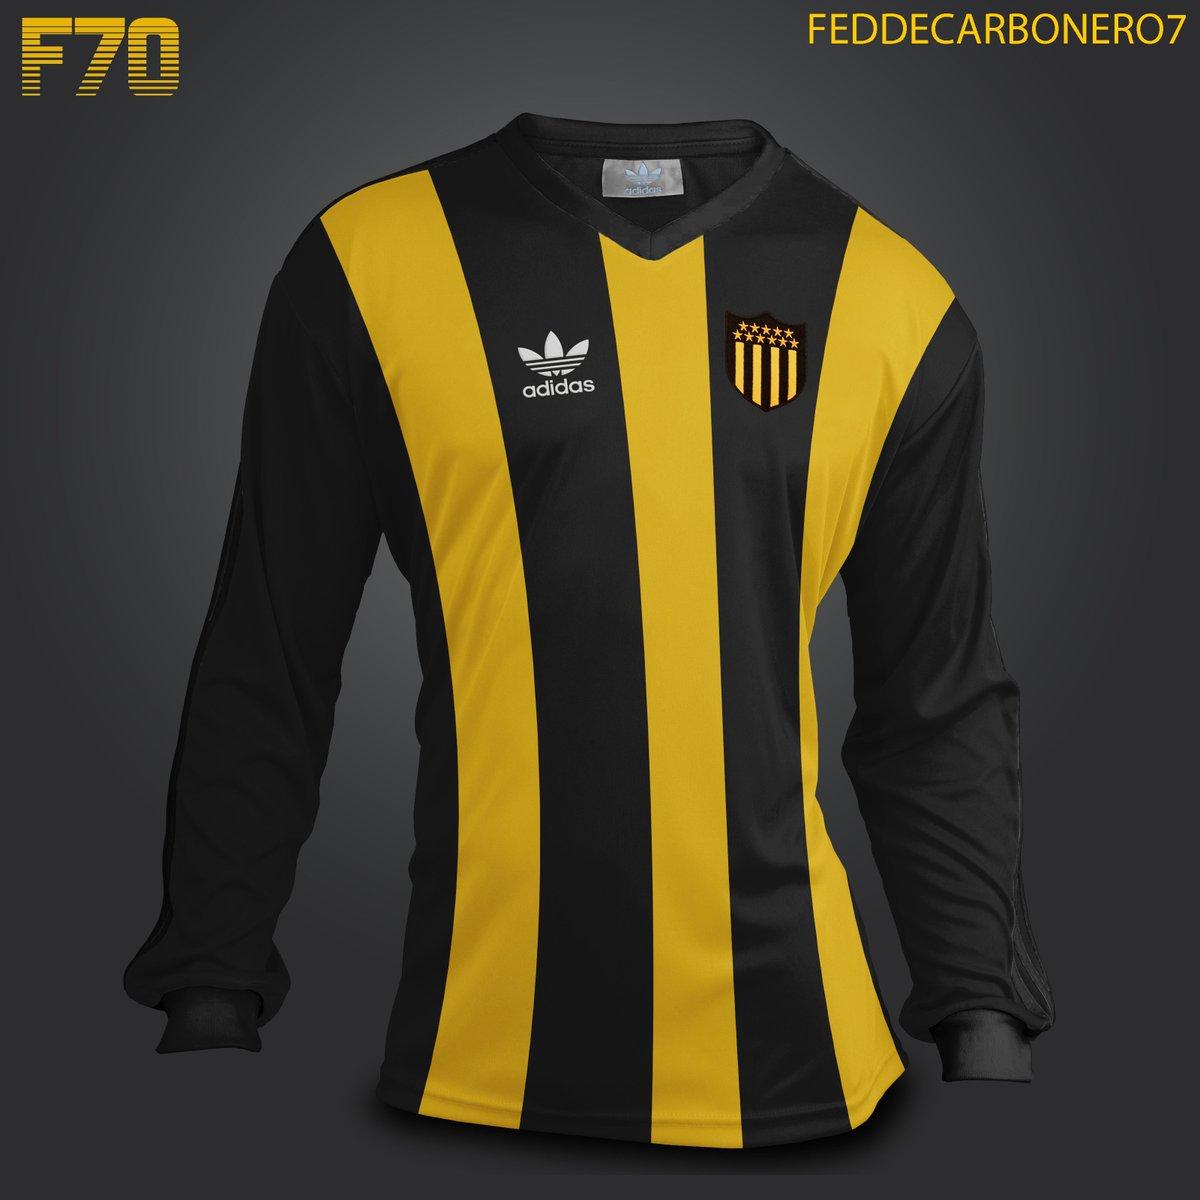 especial para zapato comprar lo mejor lindos zapatos Camisetas de Peñarol by FEDDECARBONERO7